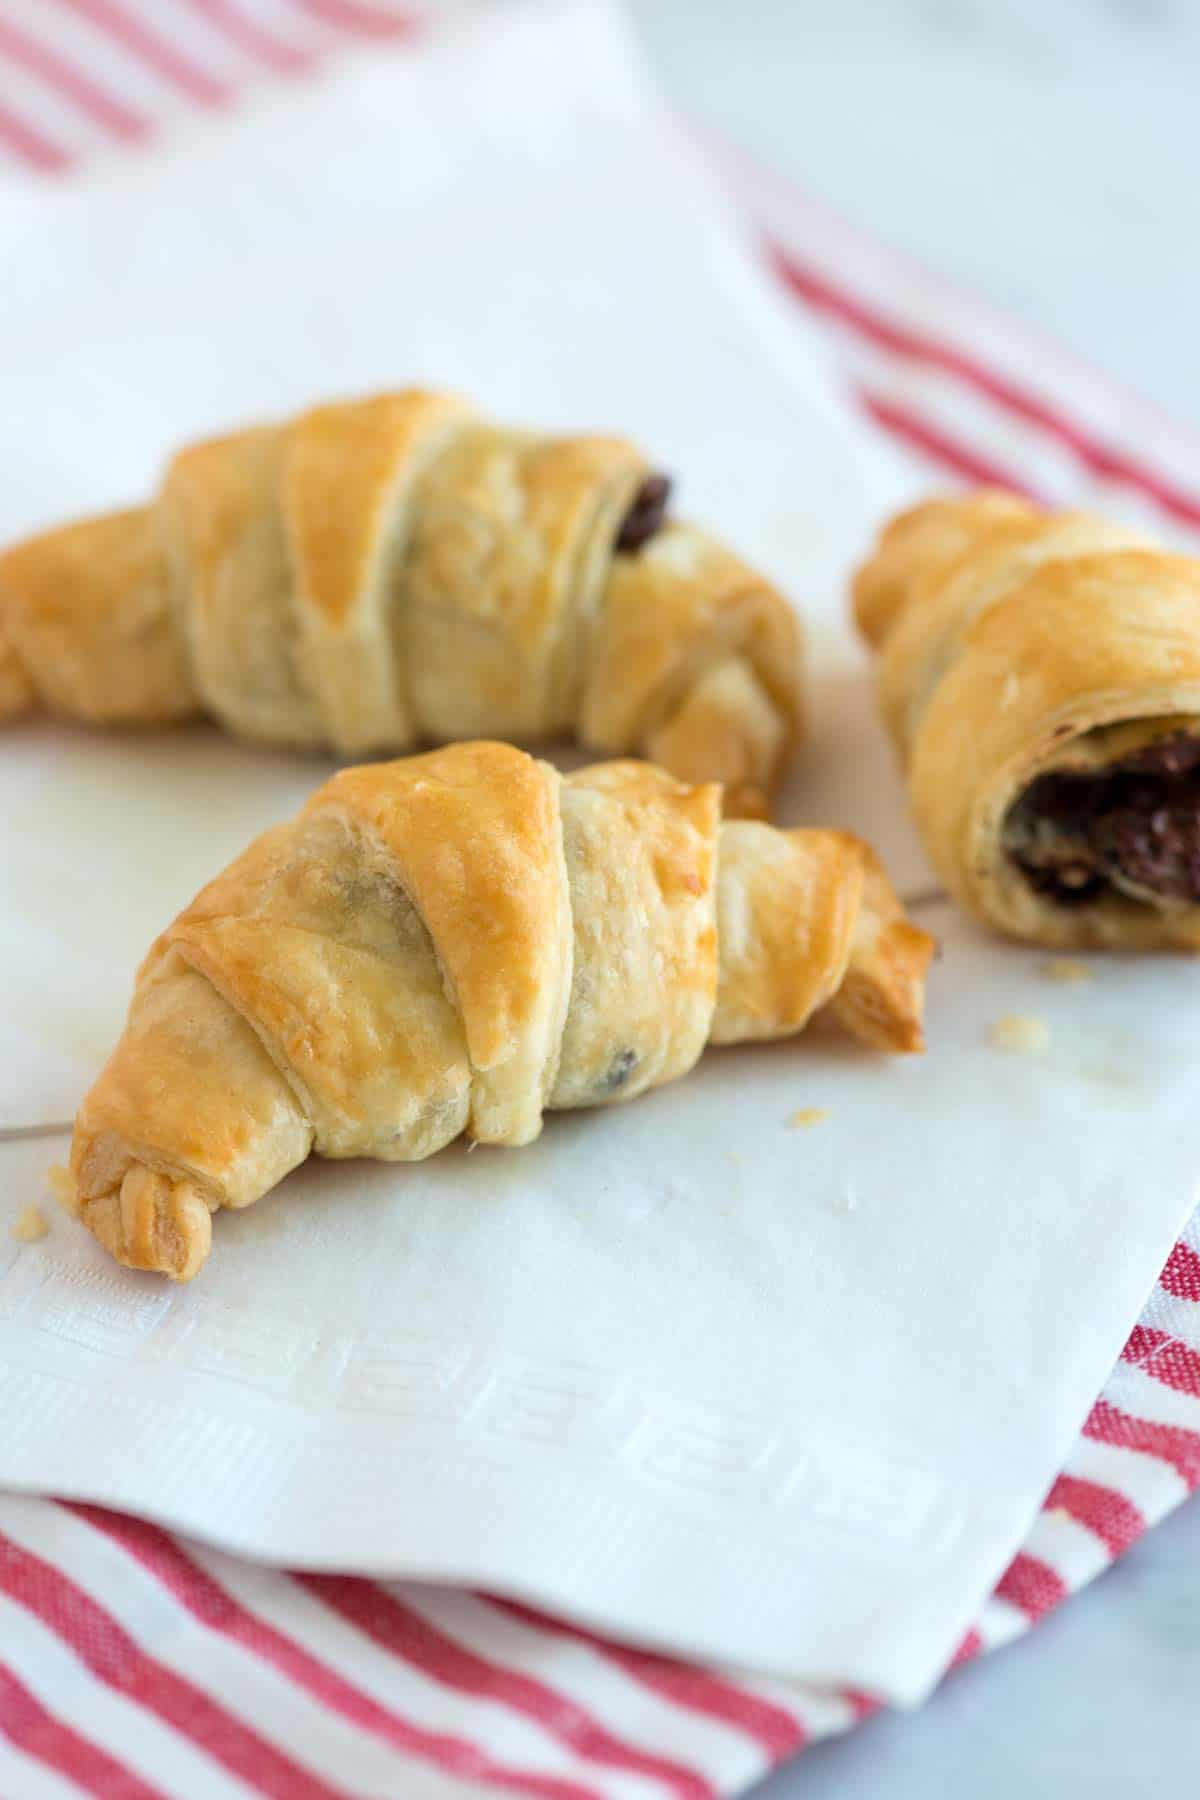 Croissant Recipe in 30 Minutes